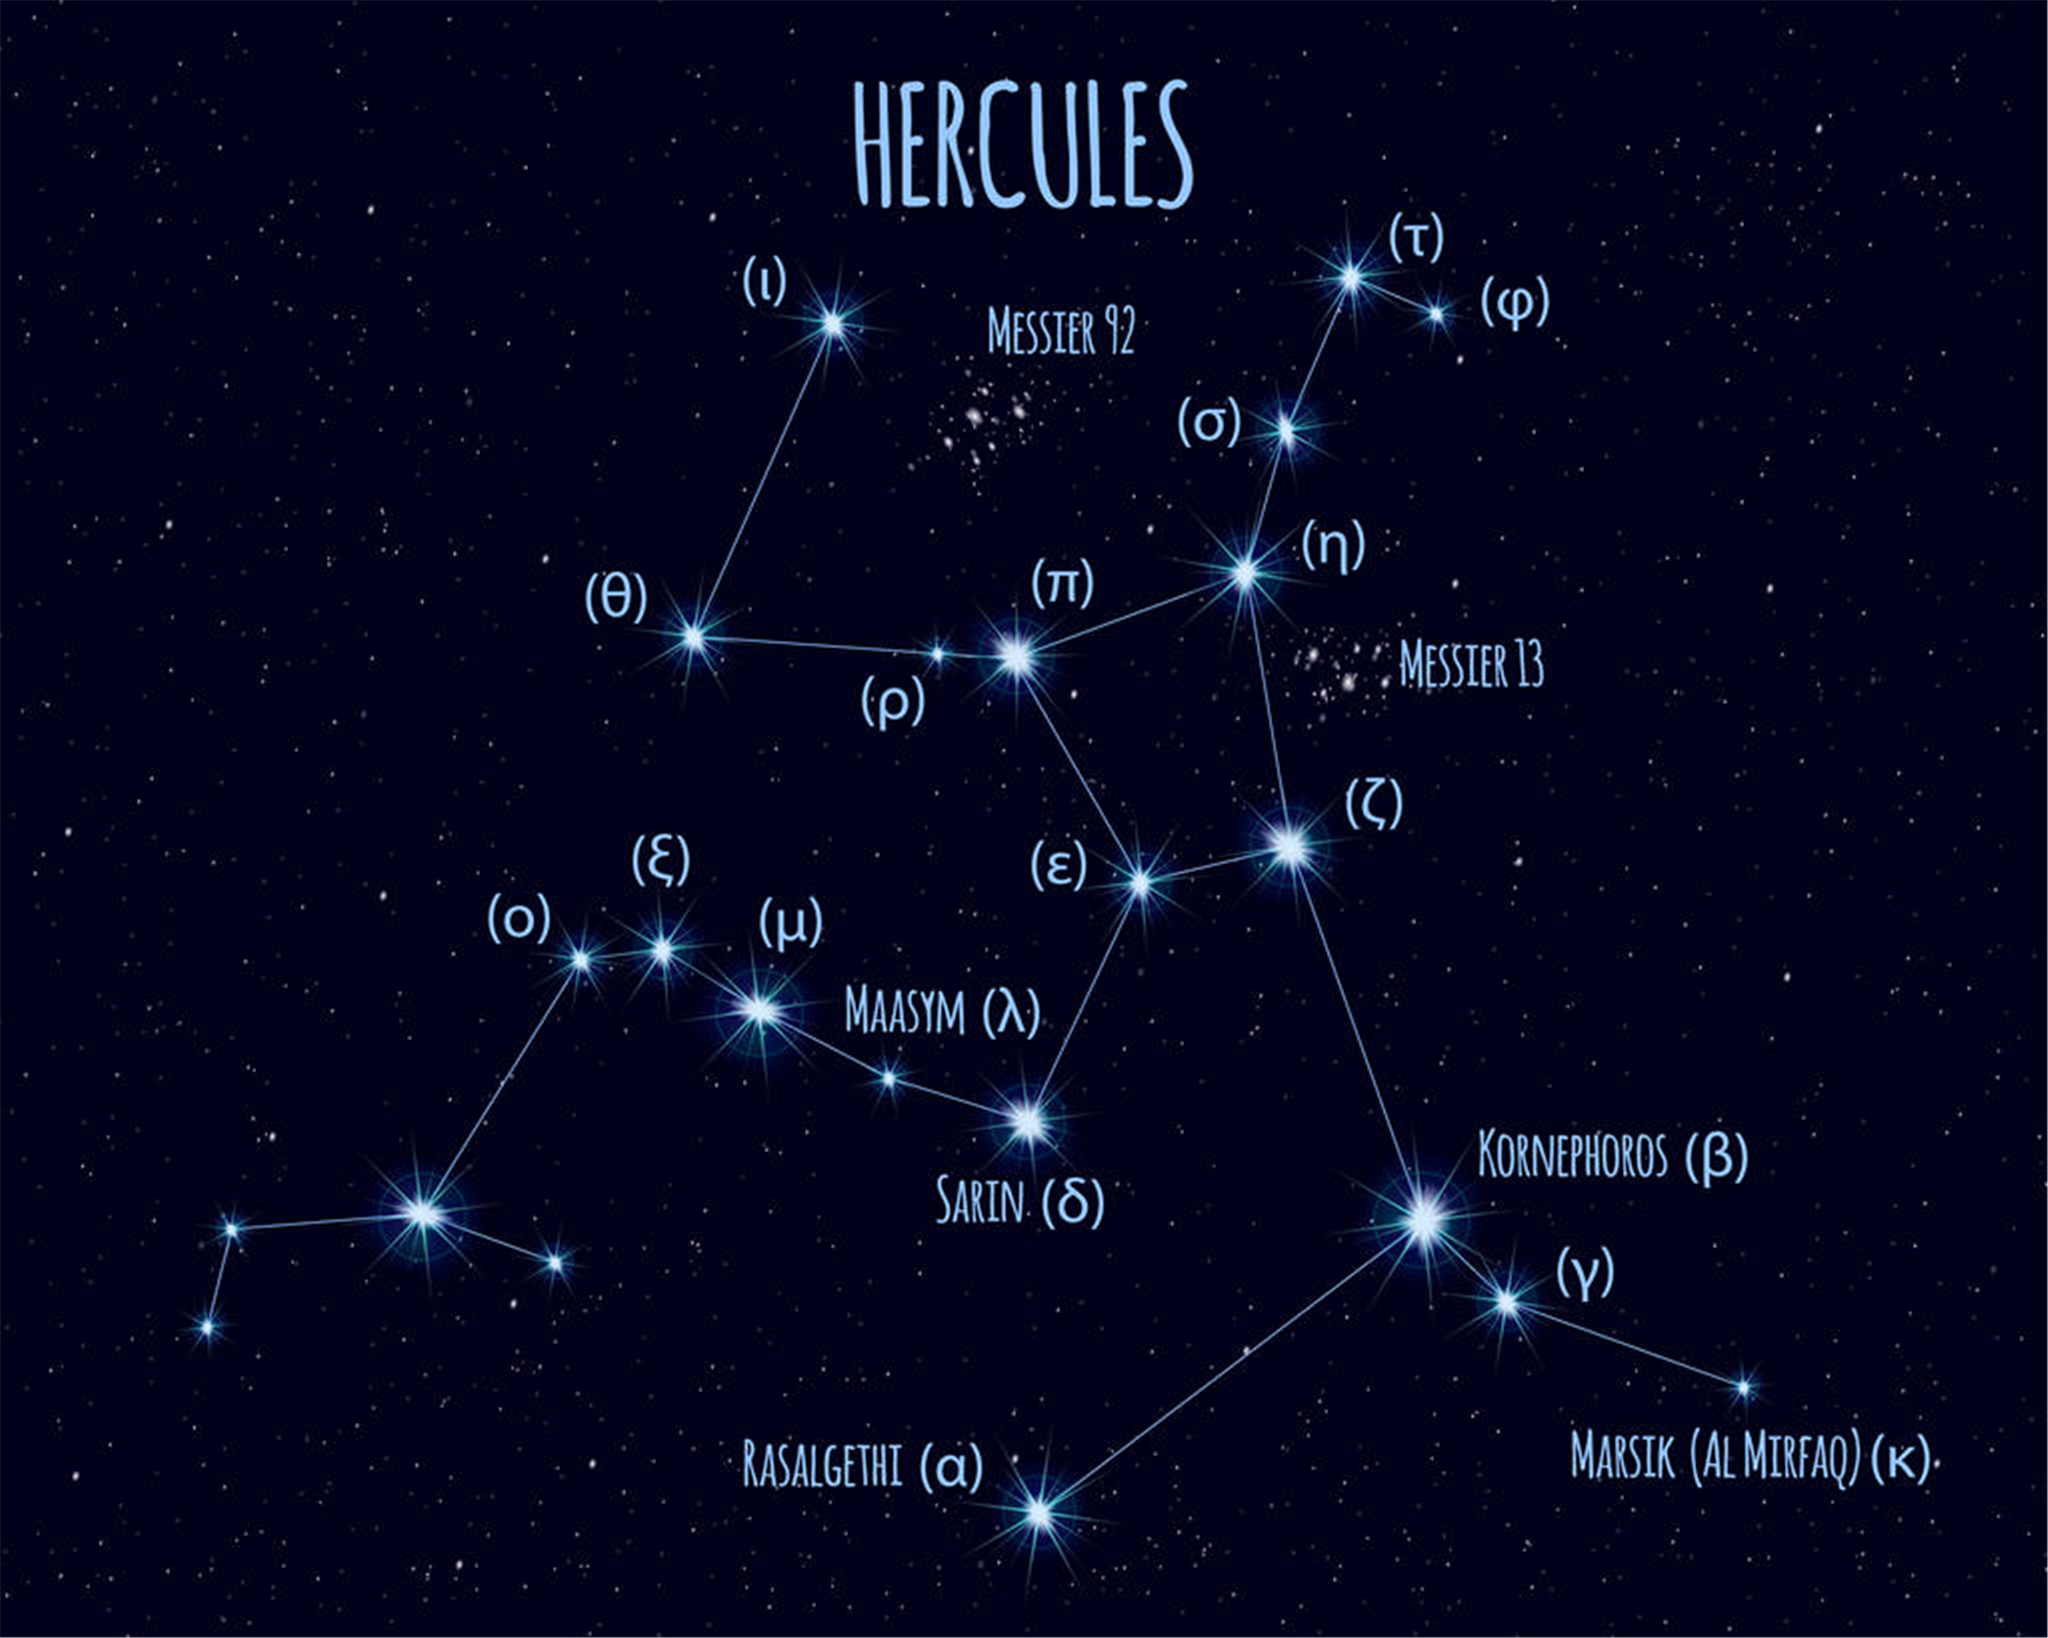 星座月份表是农历还是阳历十二星座的对应月份表